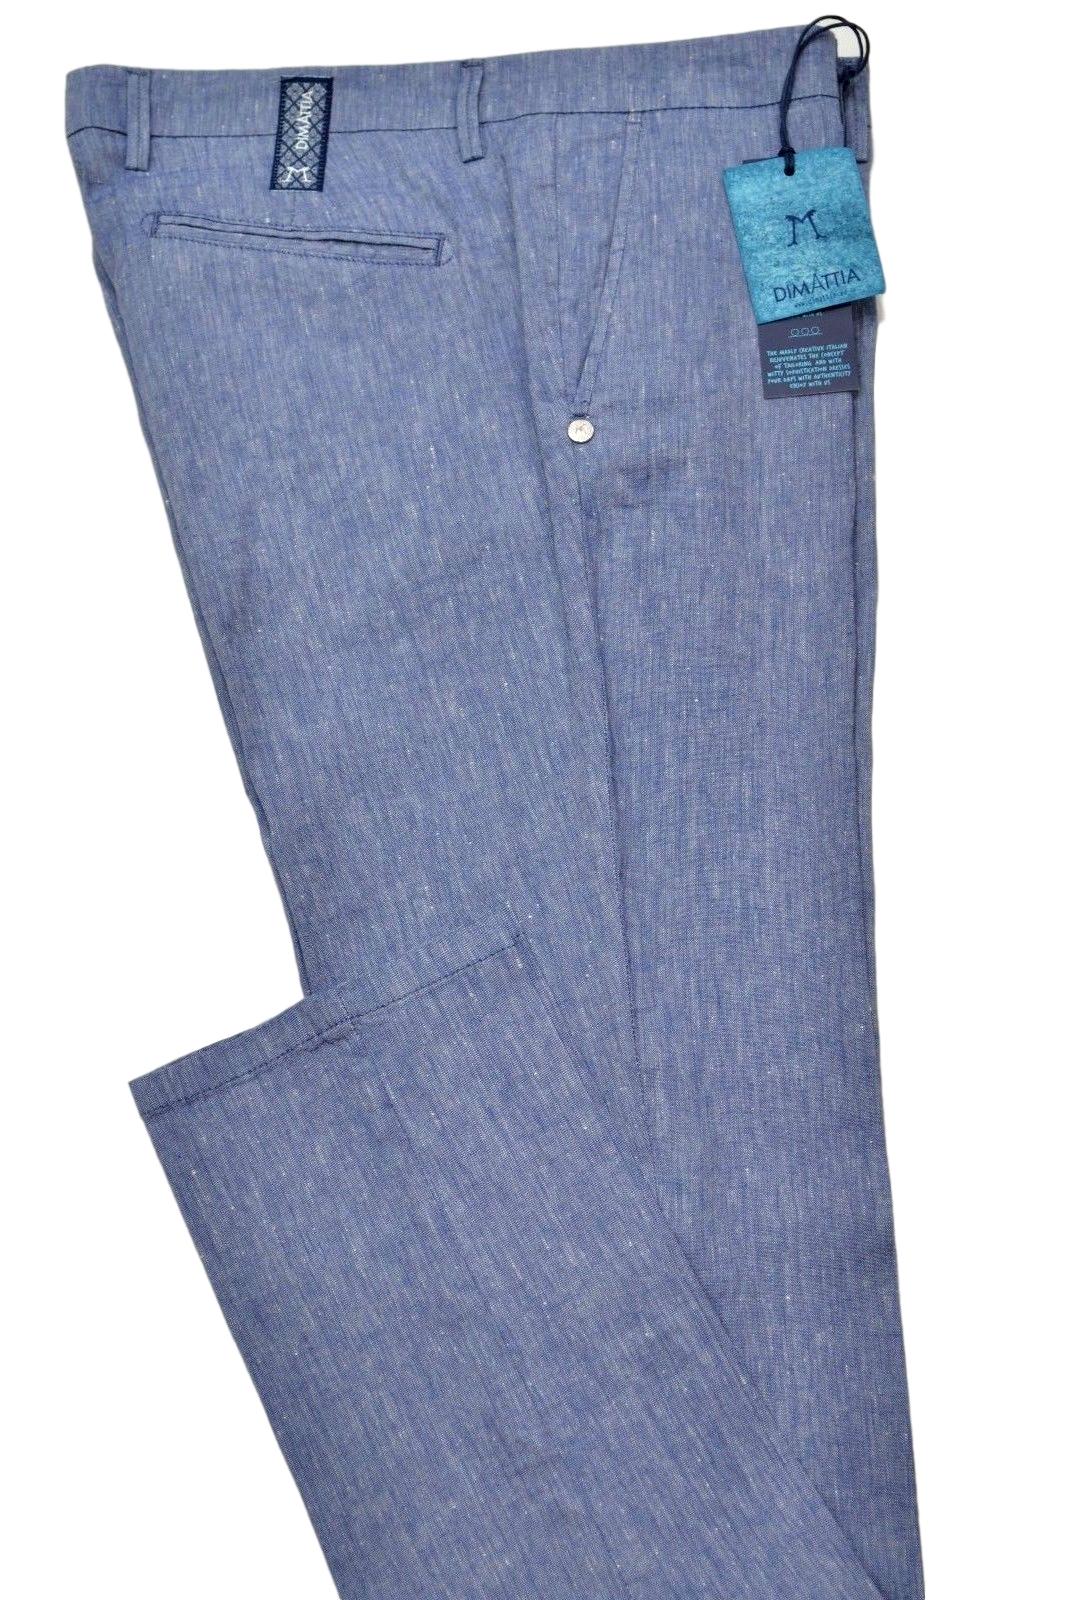 amore Produttivo Essere sorpreso  Pantaloni & Jeans - amelia stella fashion - DIMATTIA PANTALONE UOMO TAGLIA  50 MOD. SANREMO COL. BLU CHIARO MISTO LINO